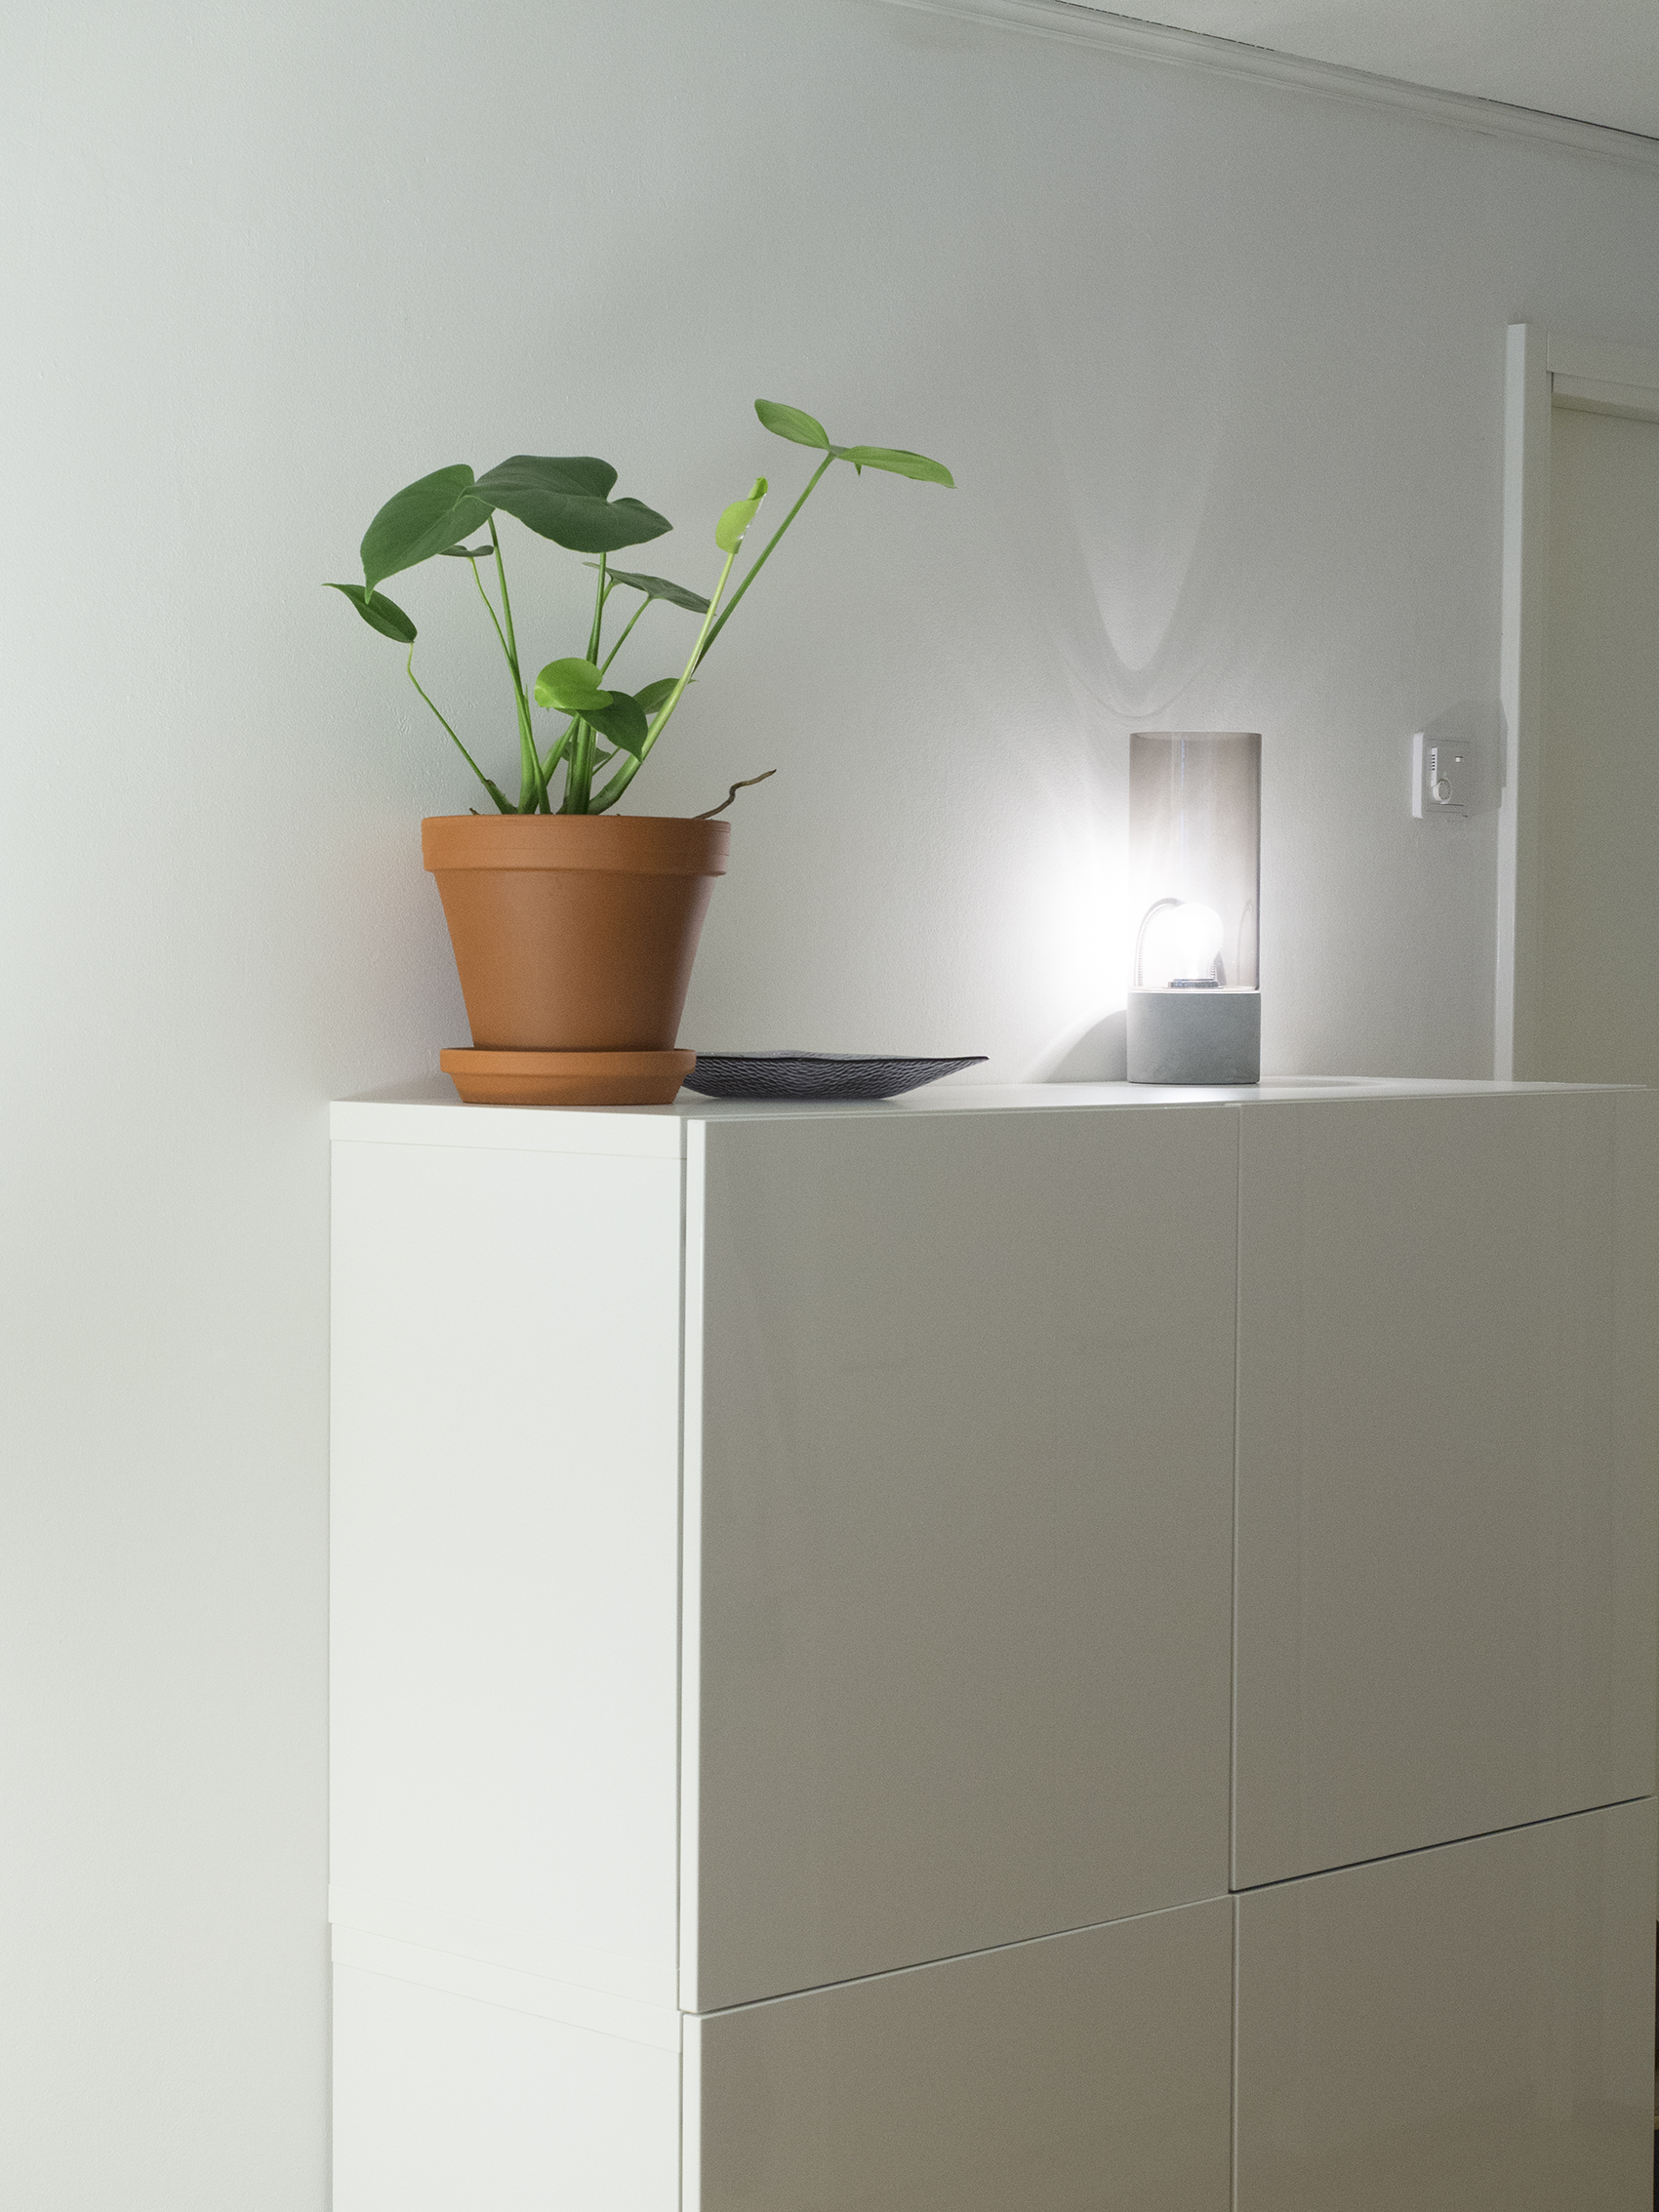 Uusi koti uudella paikkakunnalla - valoisassa asunnossa viihtyvät myös kasvit